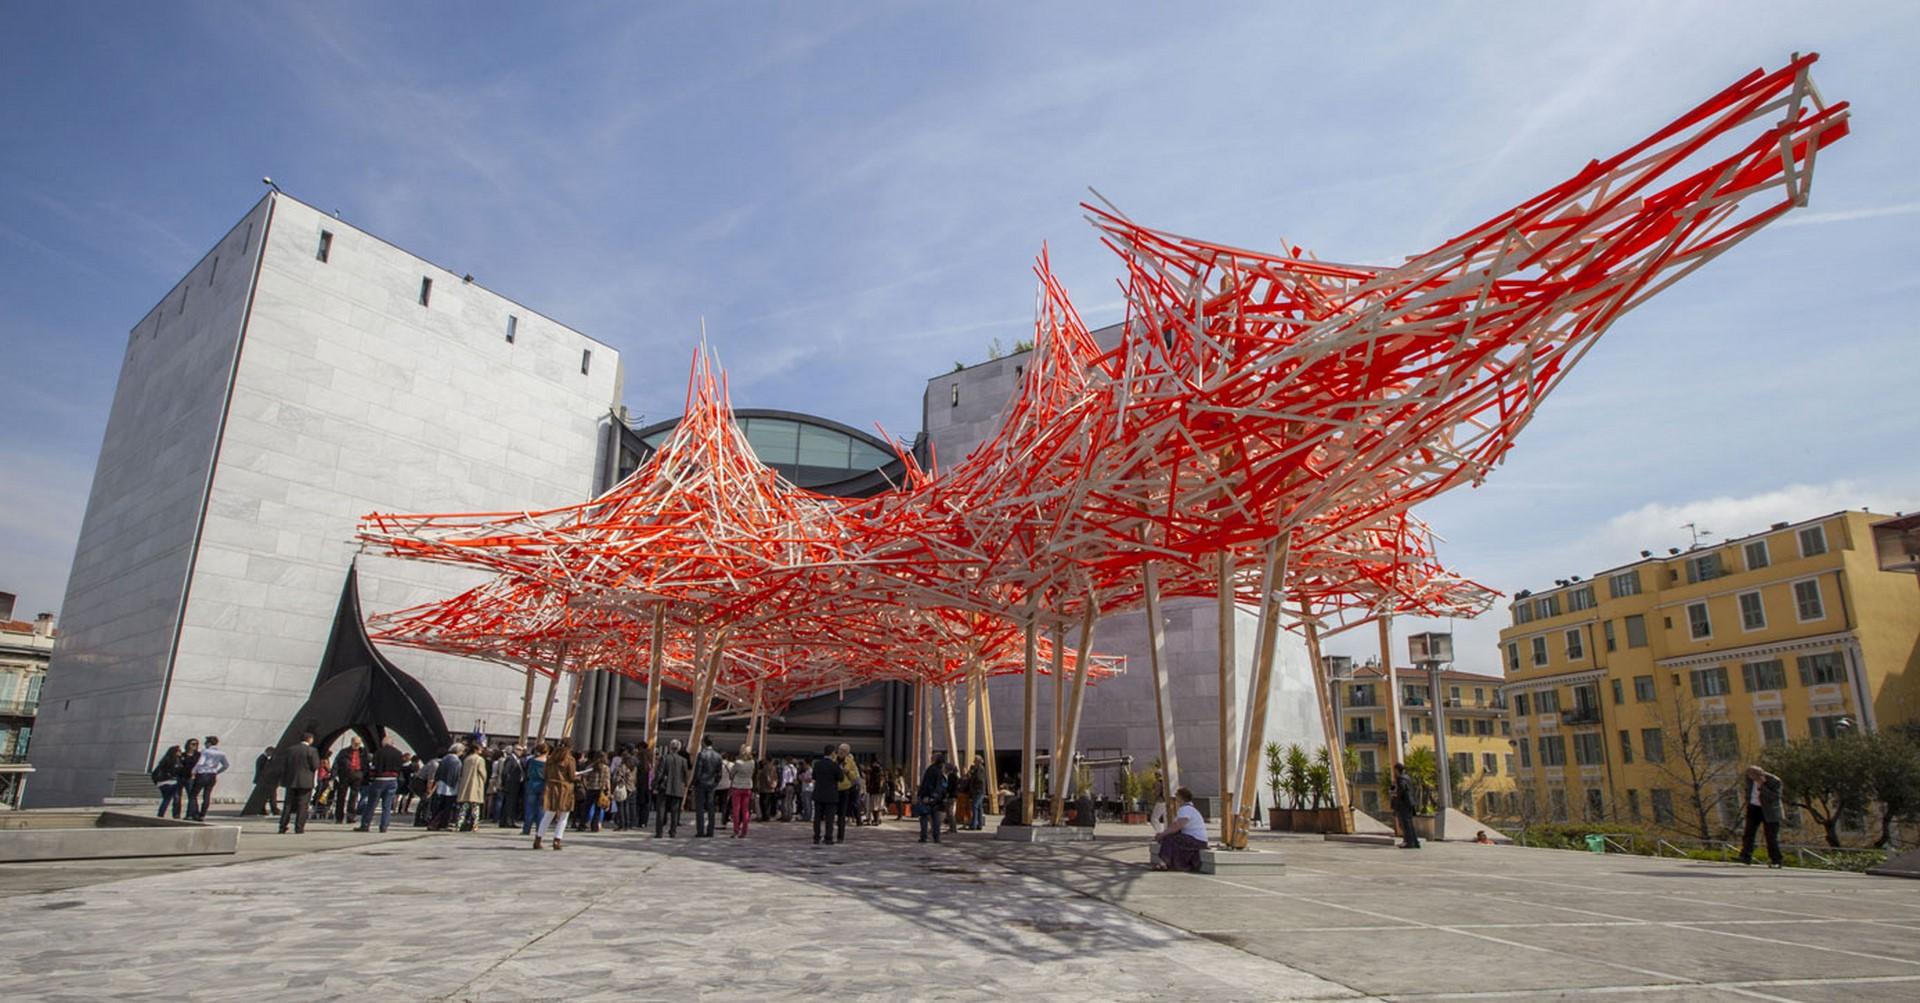 Le mus e d 39 art moderne et d 39 art contemporain mamac nice la lezardiere - Musee d art moderne strasbourg ...